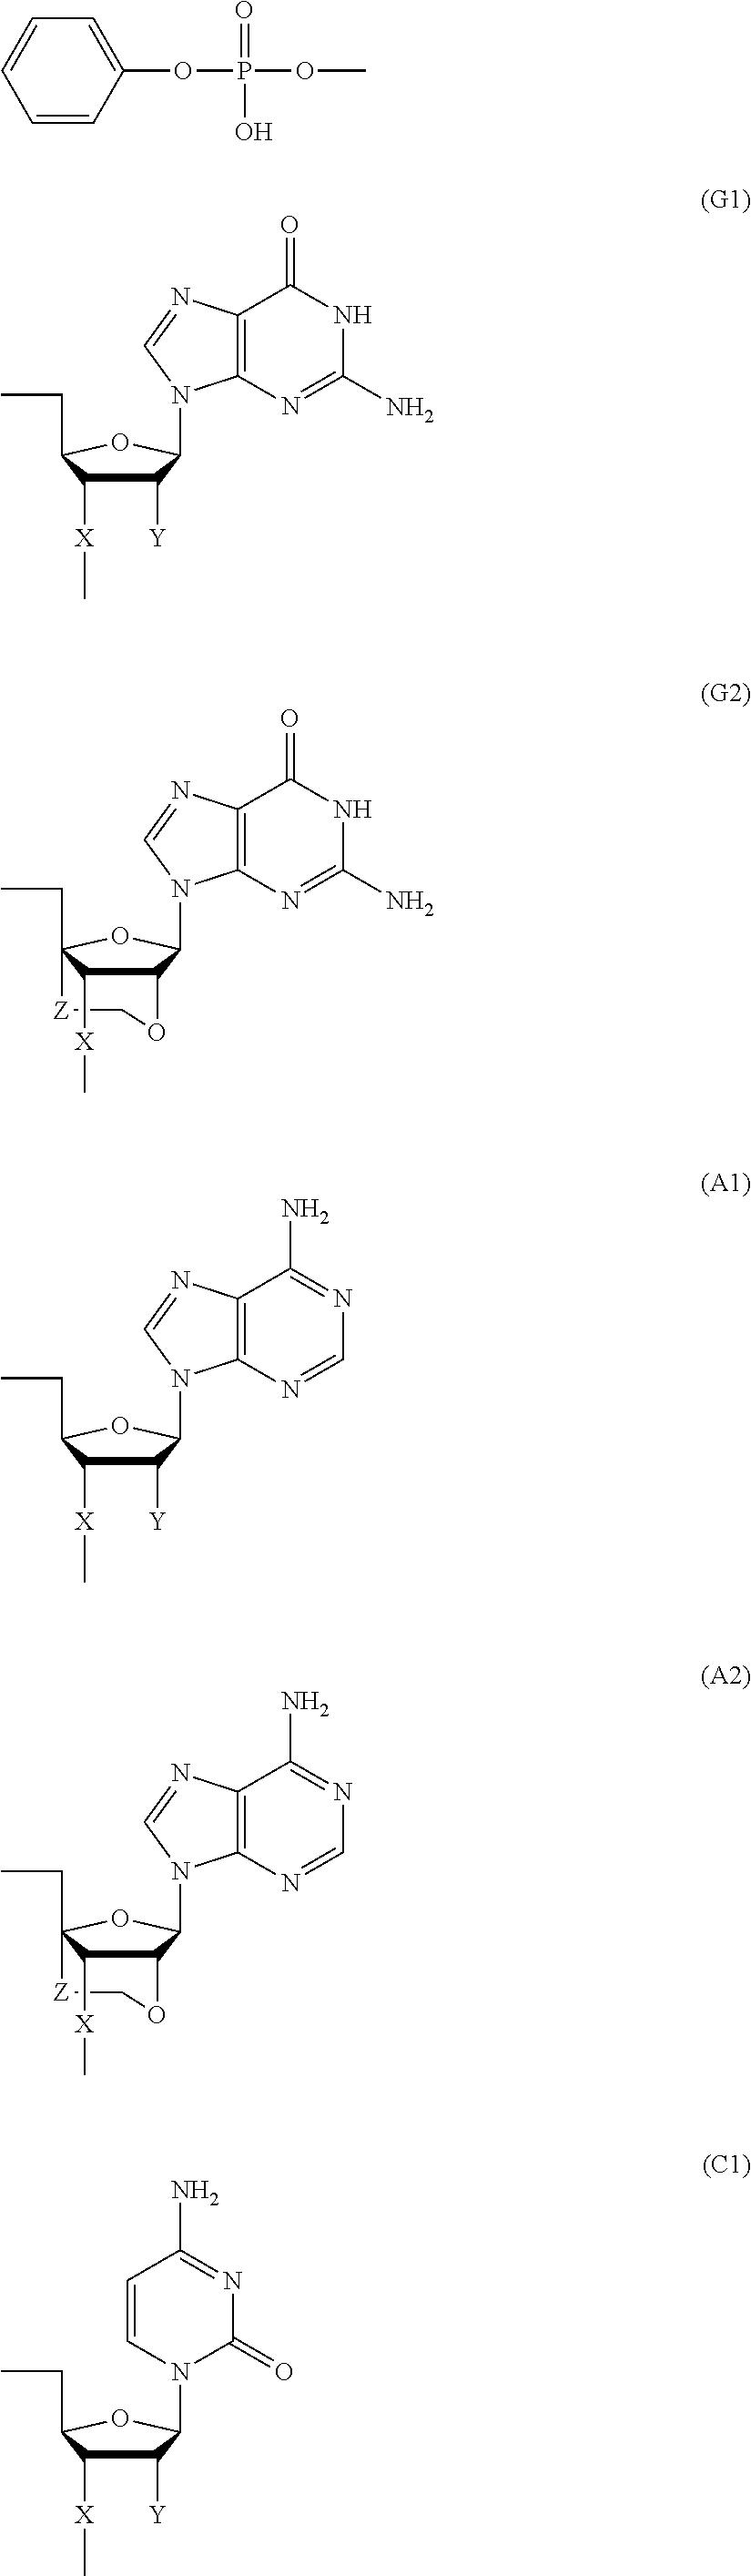 Figure US09243026-20160126-C00087